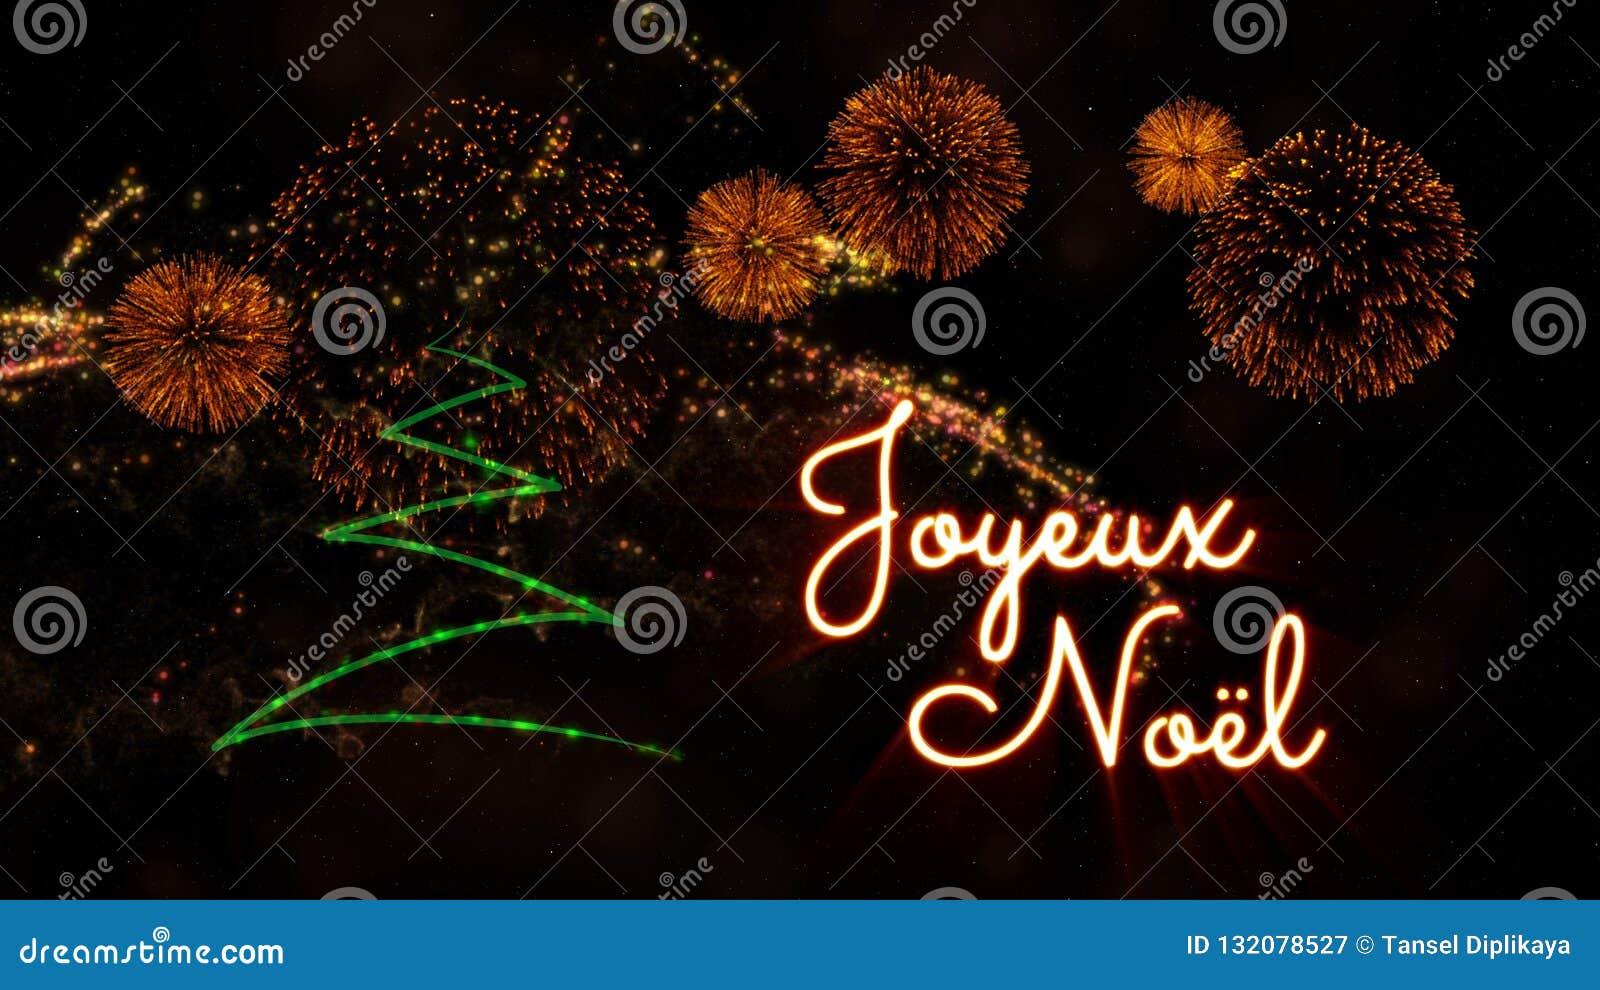 """Κείμενο Χαρούμενα Χριστούγεννας σε γαλλικό """"Joyeux Noel"""" πέρα από το δέντρο και τα πυροτεχνήματα πεύκων"""